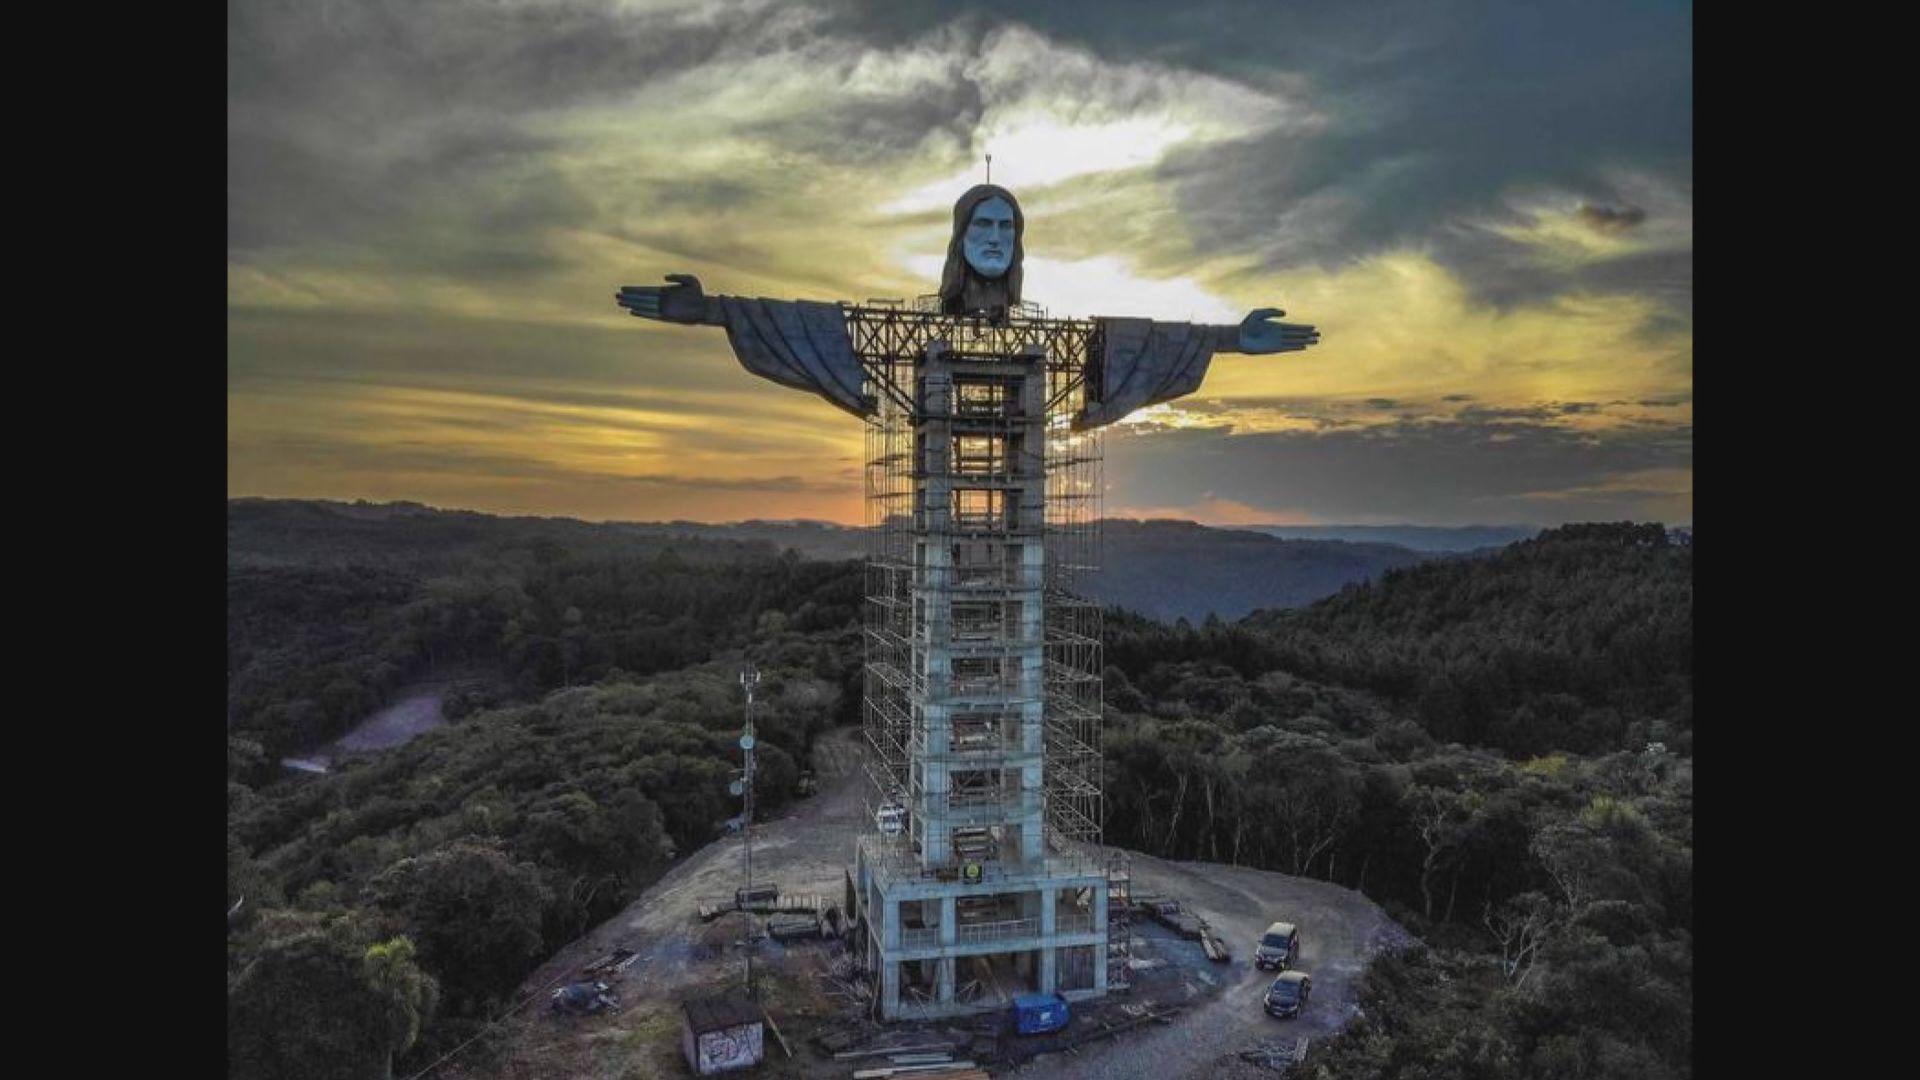 【環球薈報】巴西南部小鎮建造43米高耶穌基督像